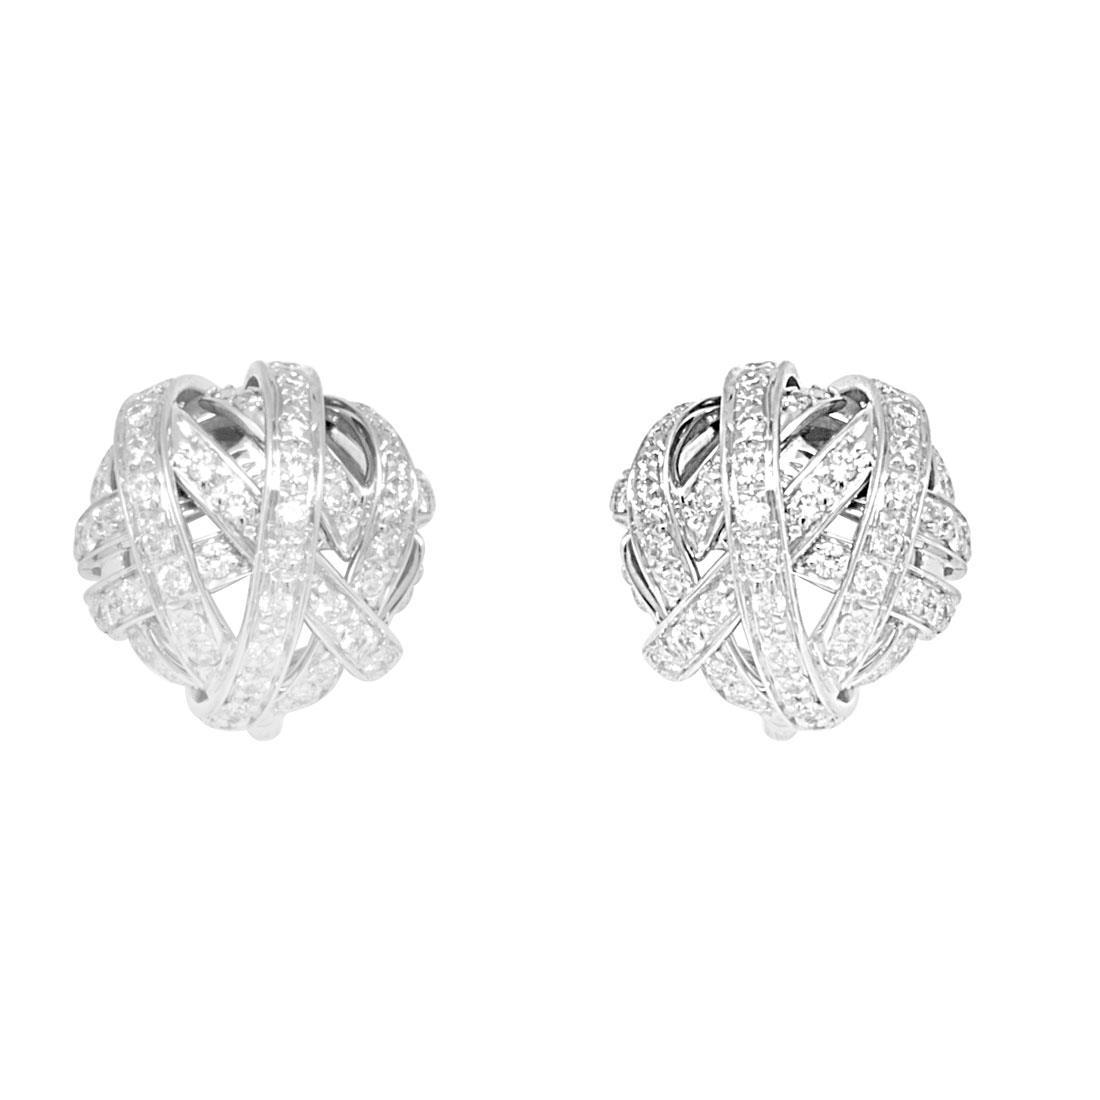 Orecchini Damiani oro bianco con diamanti ct 1,45 - DAMIANI